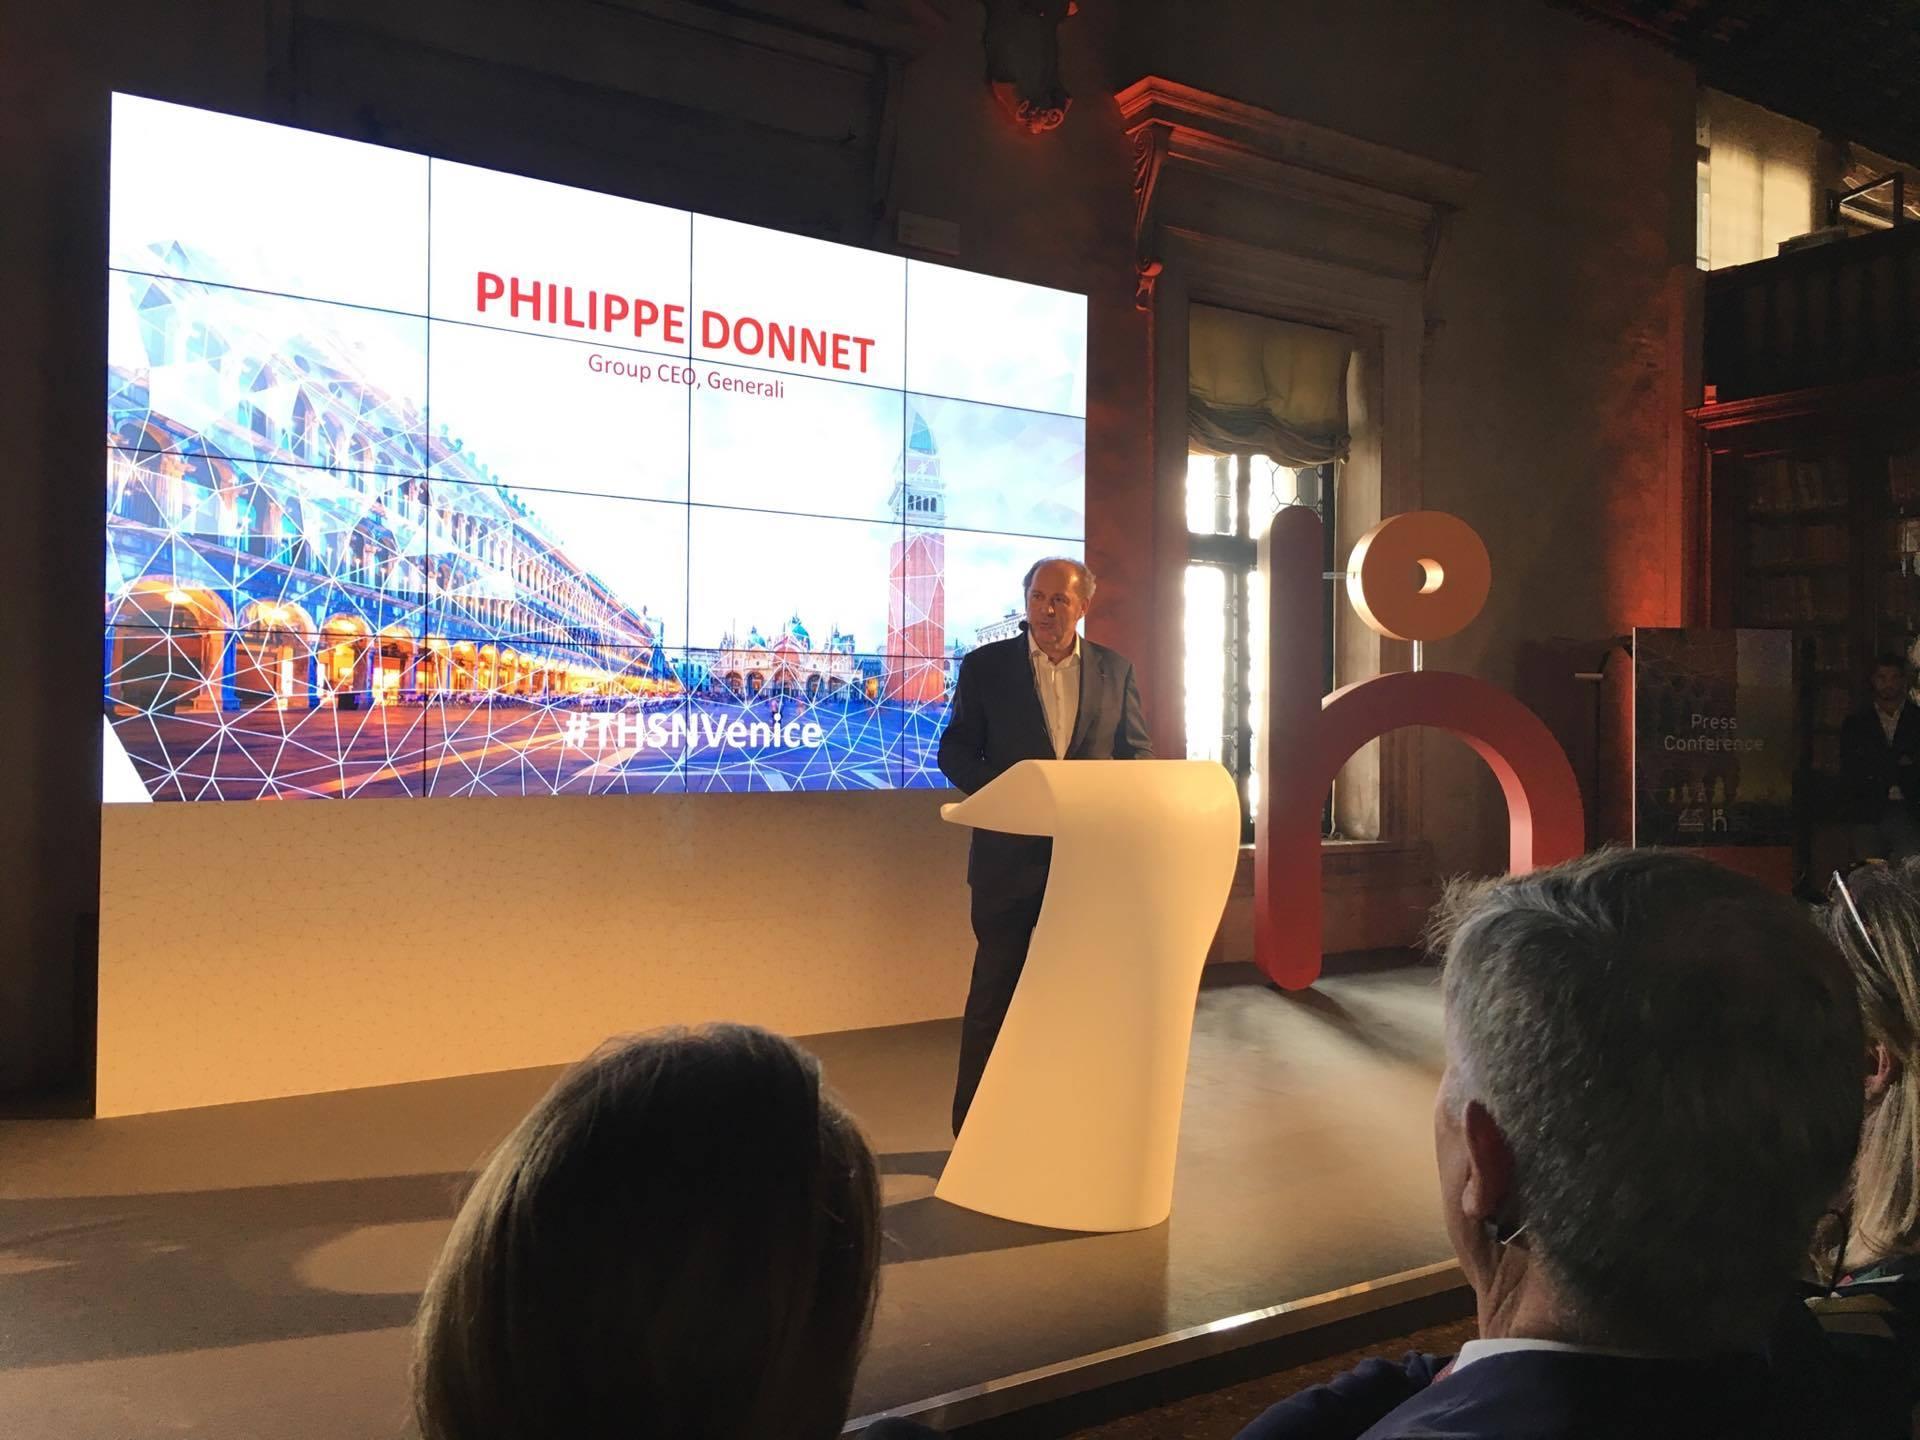 Ο κ. Philippe Donnet, Διευθύνων Σύμβουλος Ομίλου Generali